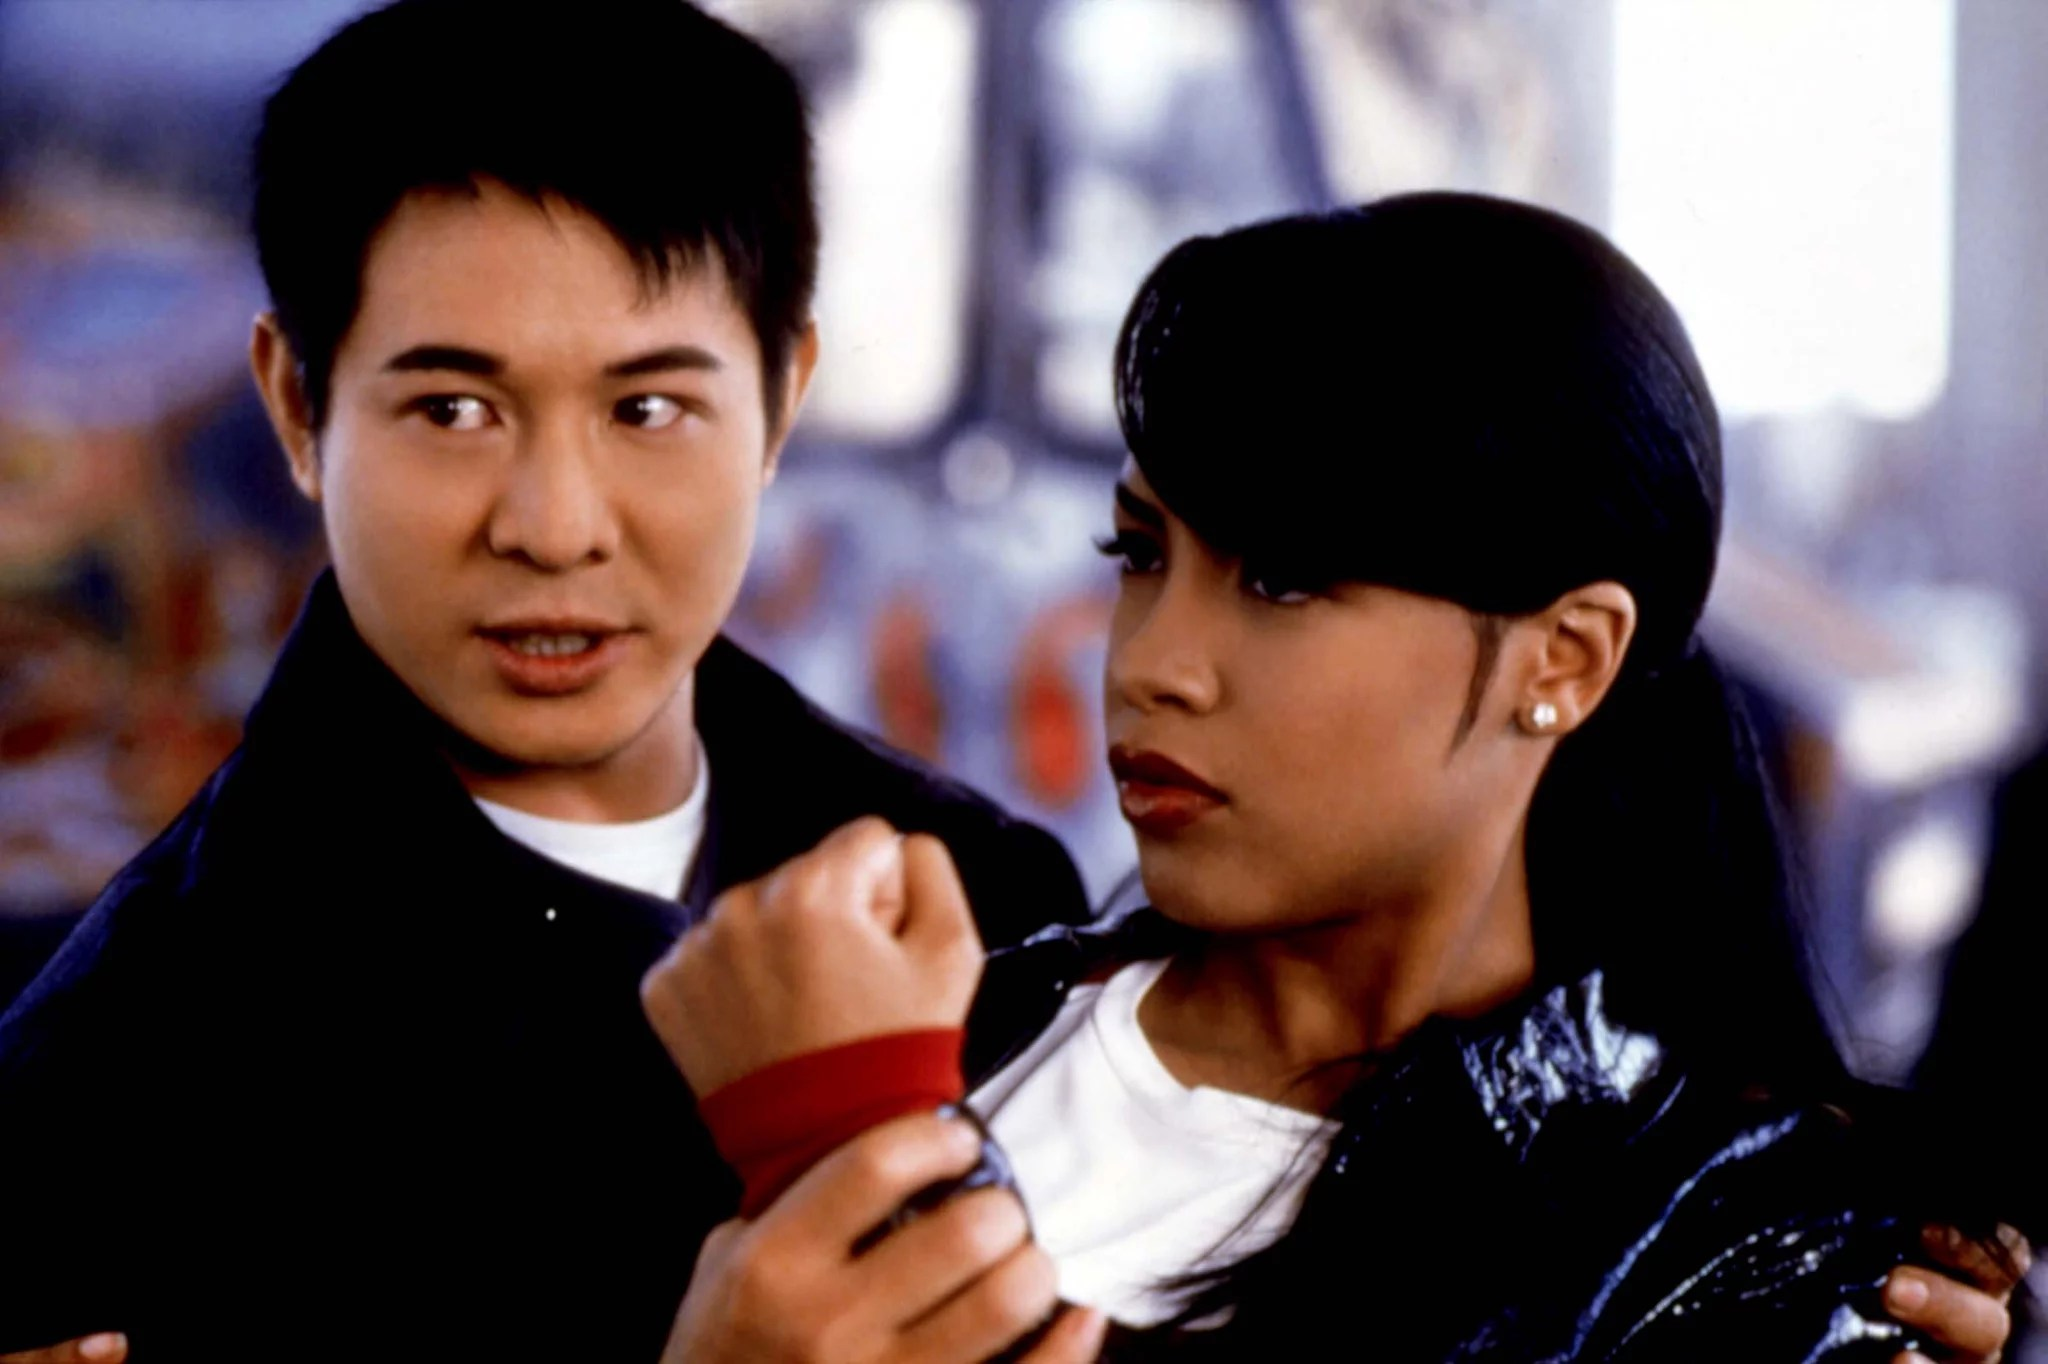 ROMEO MUST DIE, Jet Li, Aaliyah, 2000